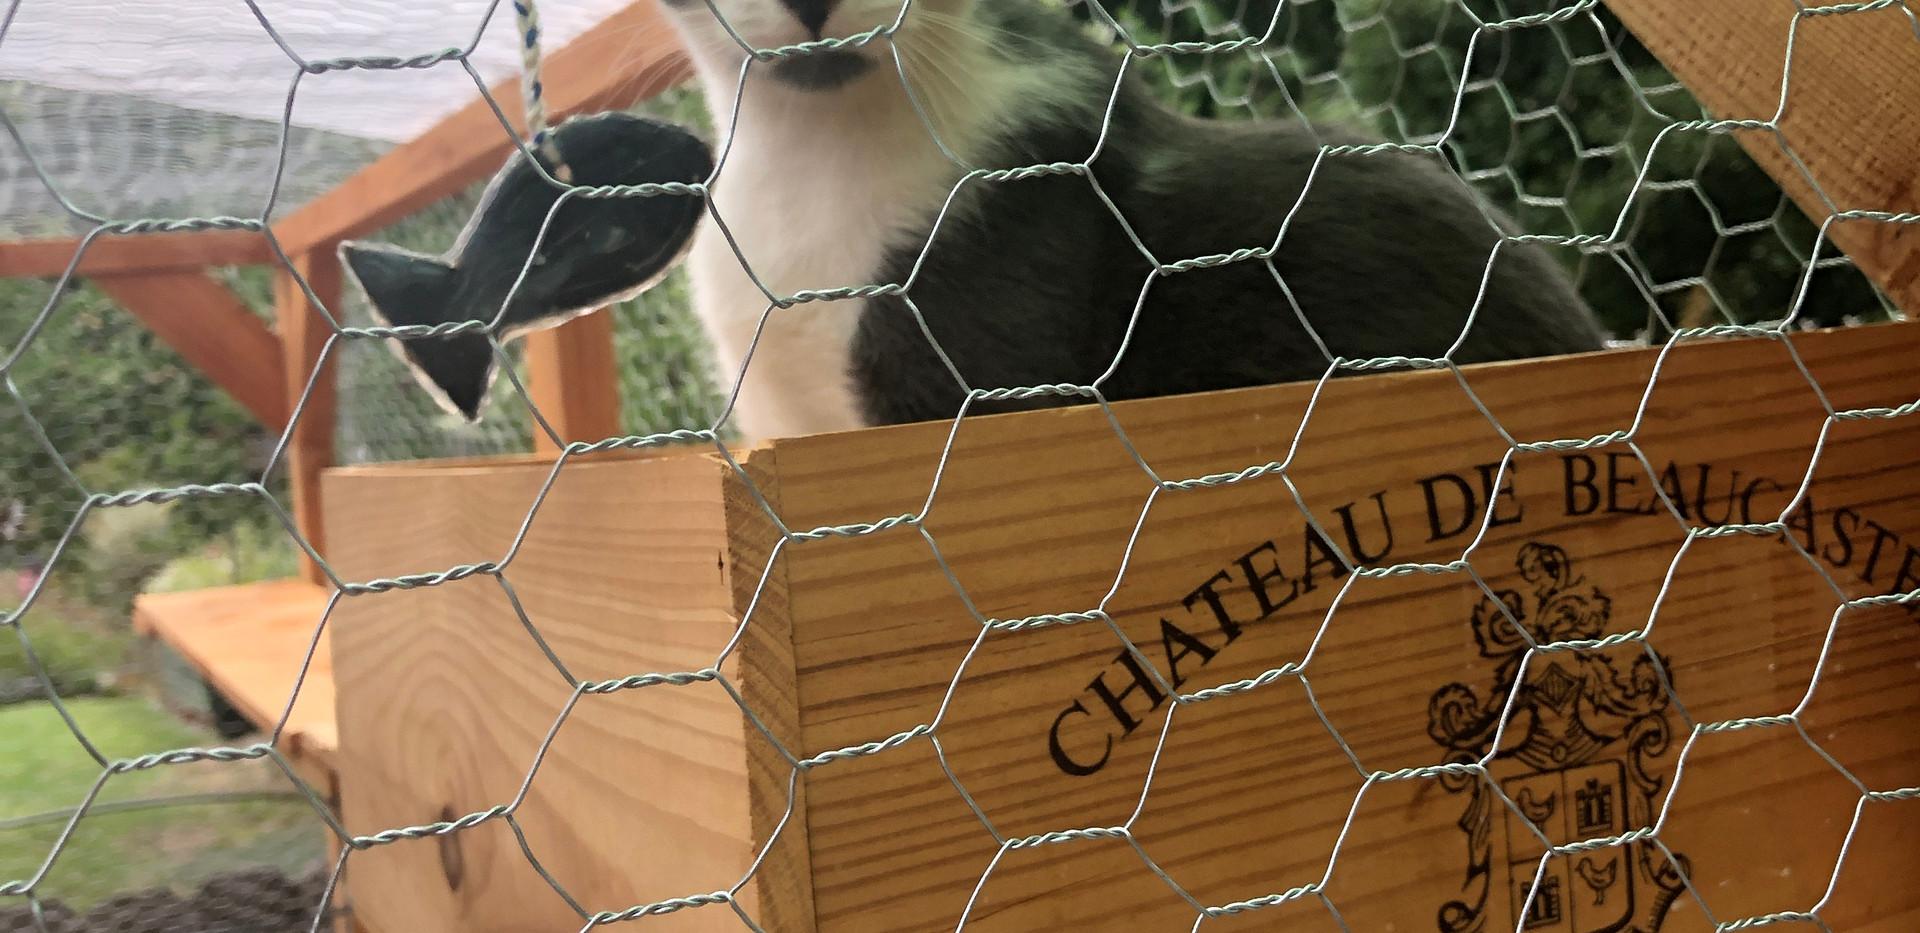 Cat in garden enclosure